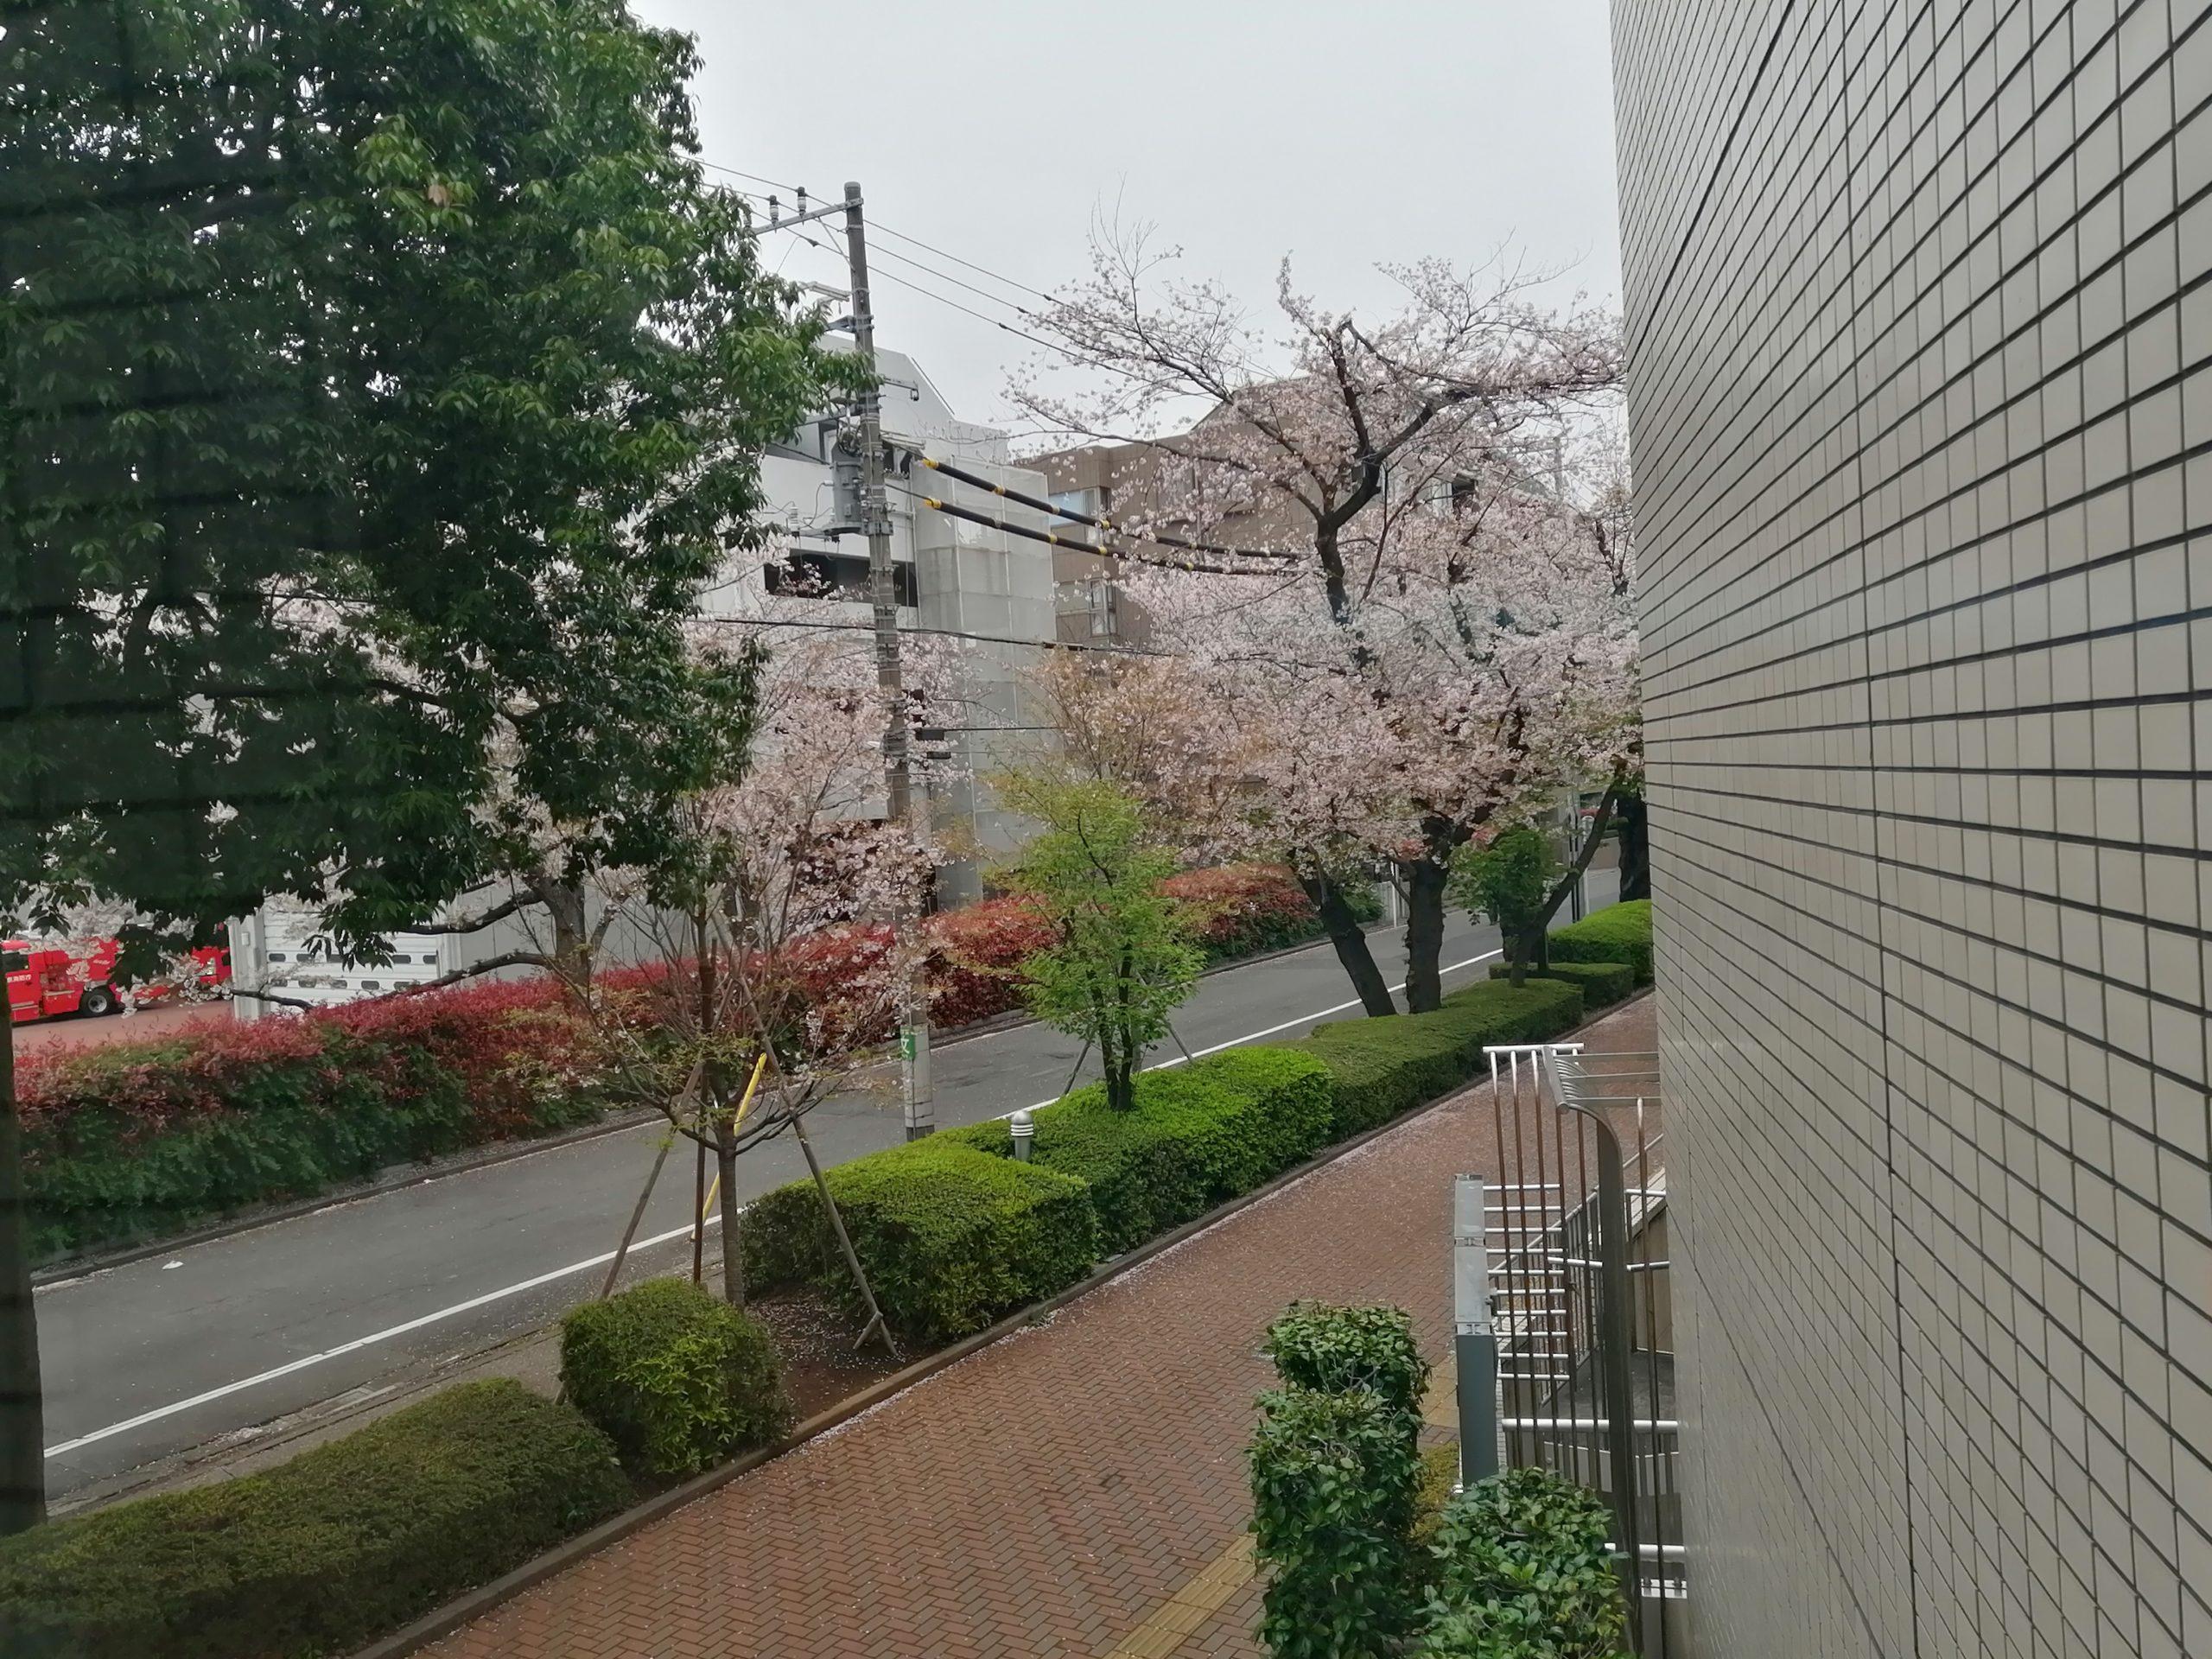 桜の街路樹